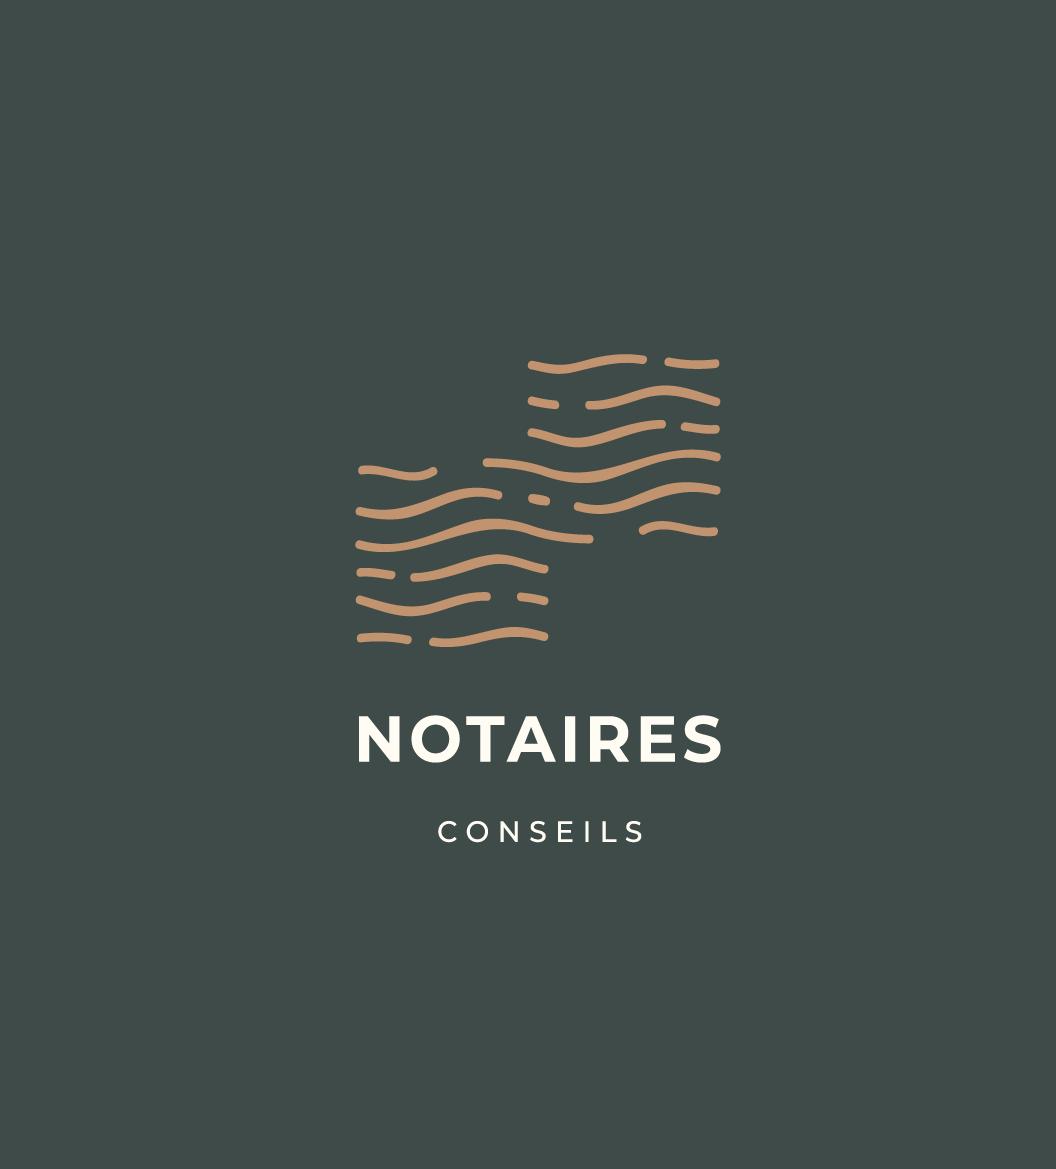 Jouyet notaires ECOS - VERNON  Notaires  BRAS DE SEINE NOTAIRE